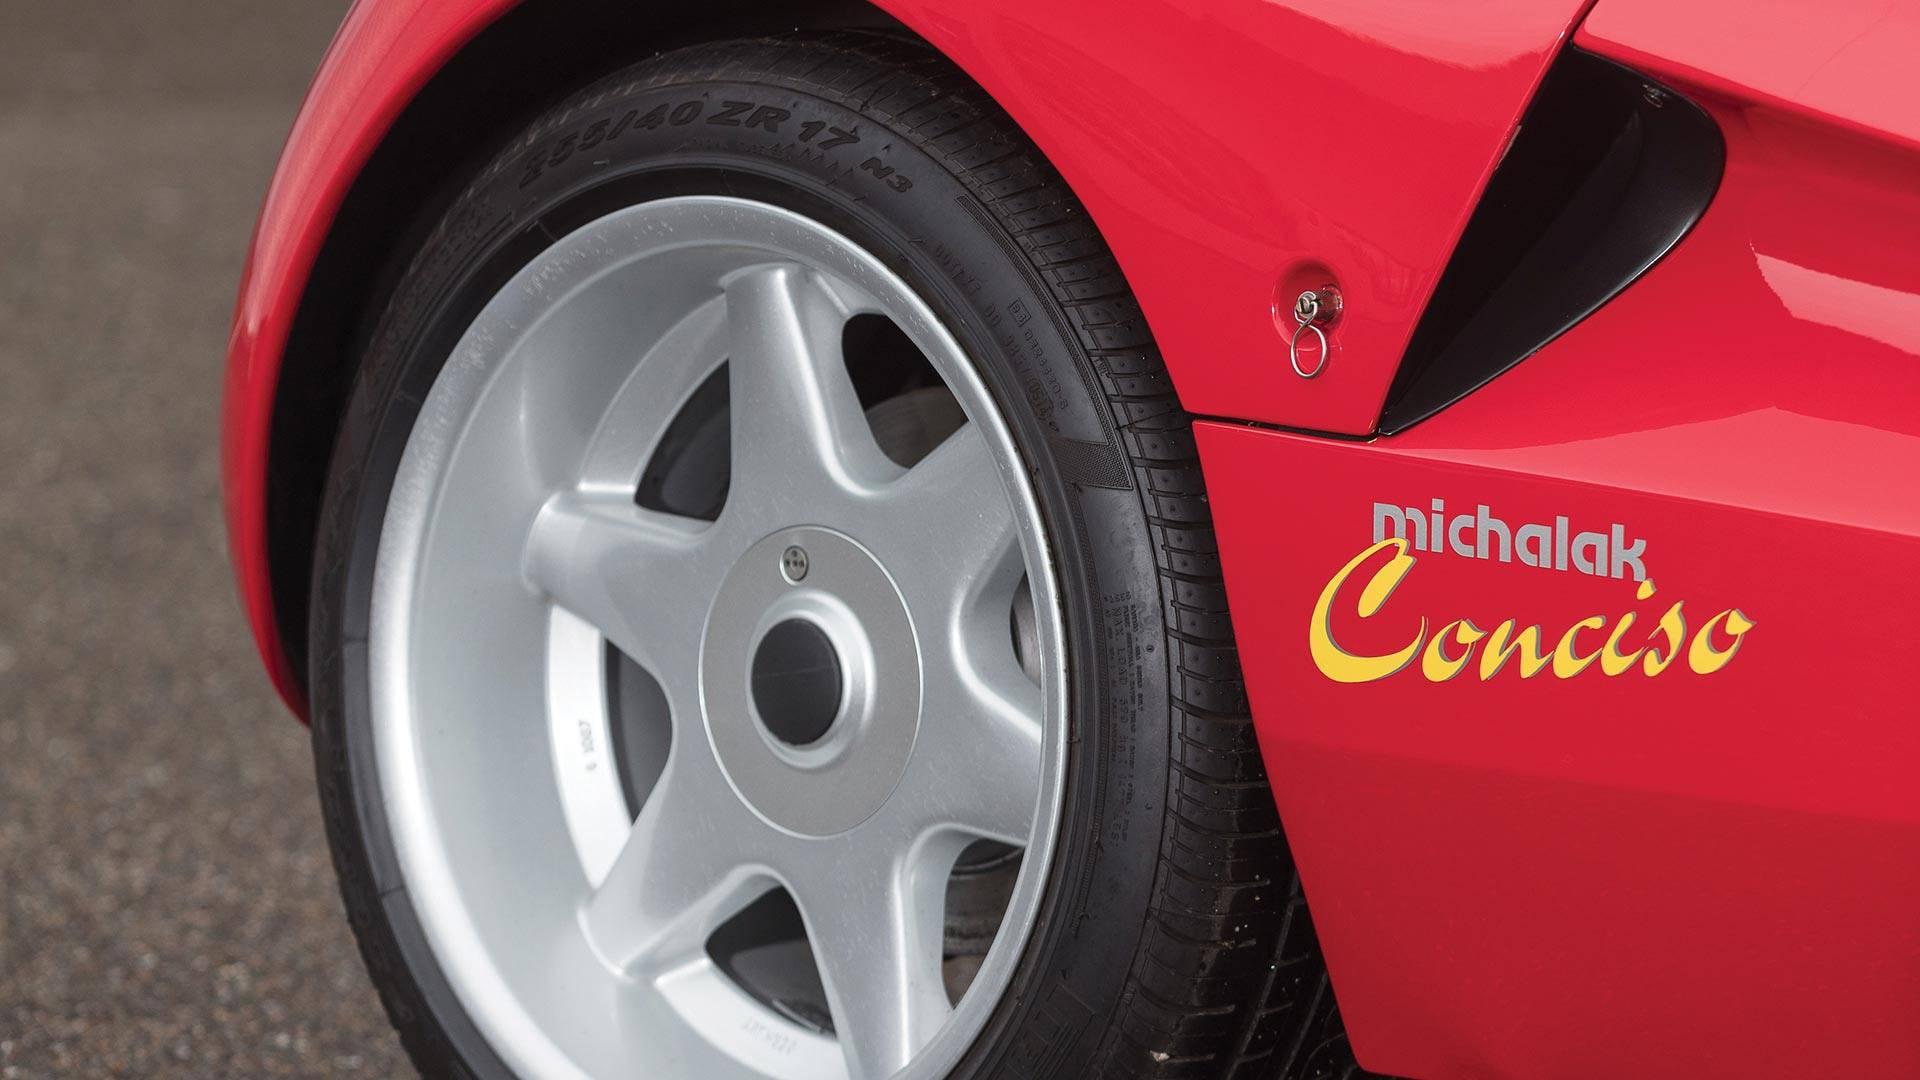 1989-ferrari-328-gts-conciso-concept-by-michalak (25)